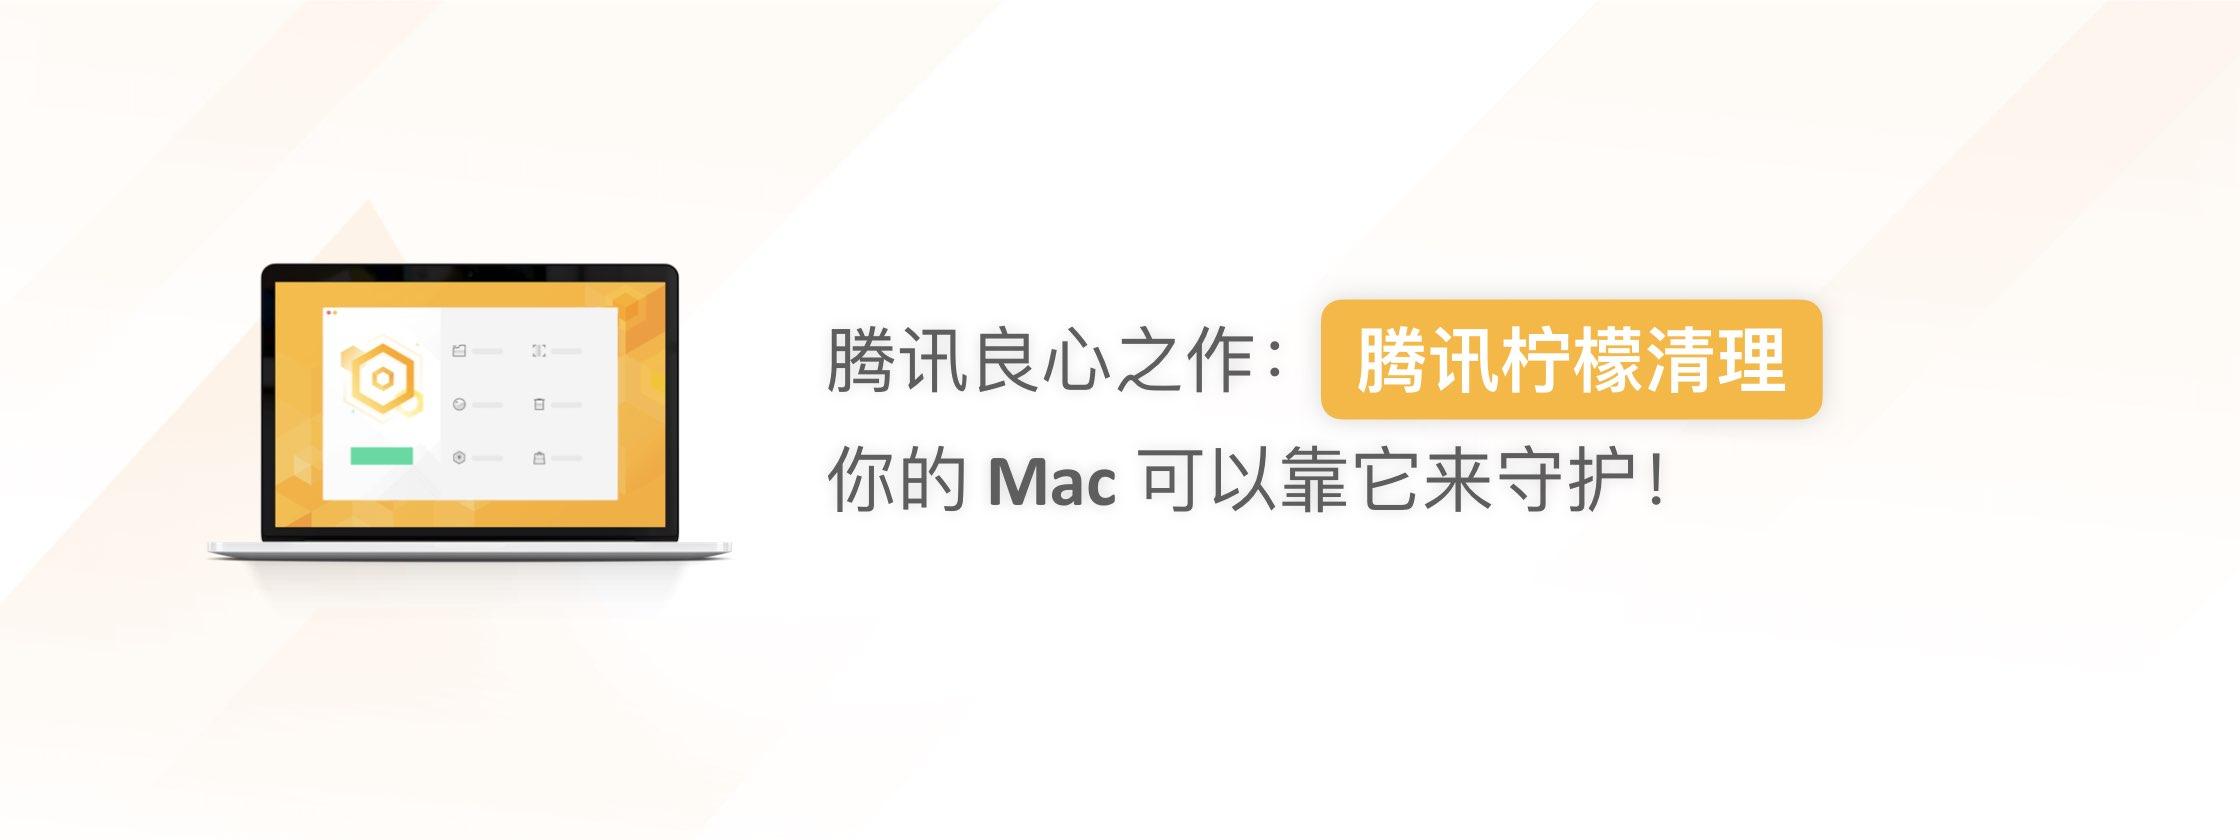 腾讯良心之作!你的 Mac 可以靠它来守护:腾讯柠檬清理